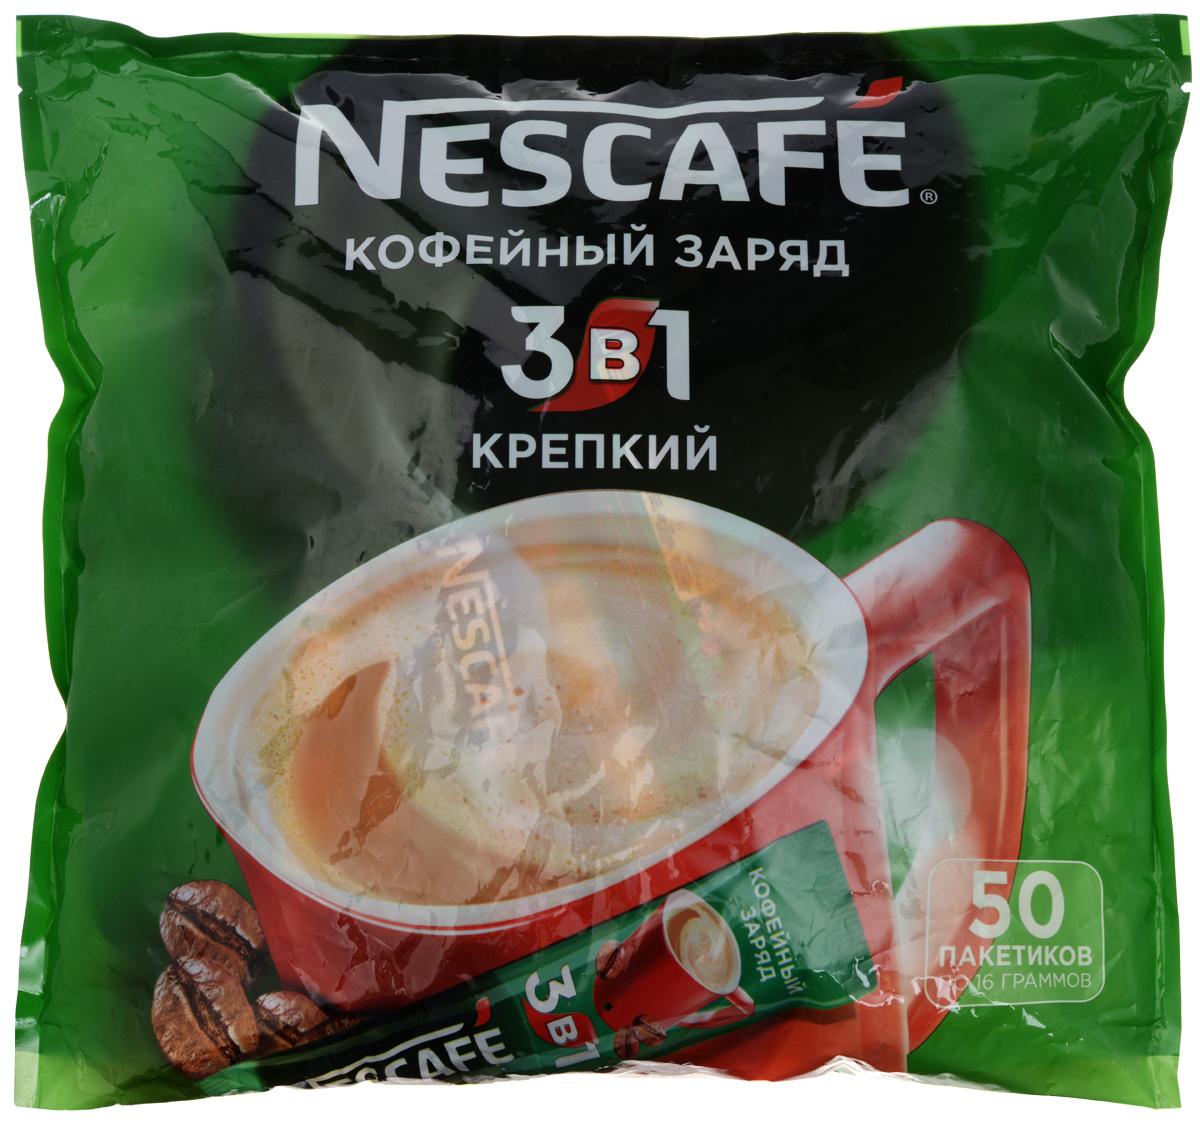 Nescafe 3 в 1 Крепкий кофе растворимый, 50 шт0120710Nescafe 3 в 1 Крепкий - кофейно-сливочный напиток, в состав которого входят высококачественные ингредиенты: кофе Nescafe, сахар, сливки растительного происхождения. Каждый пакетик Nescafe 3 в 1 подарит вам идеальное сочетание кофе, сливок, сахара!